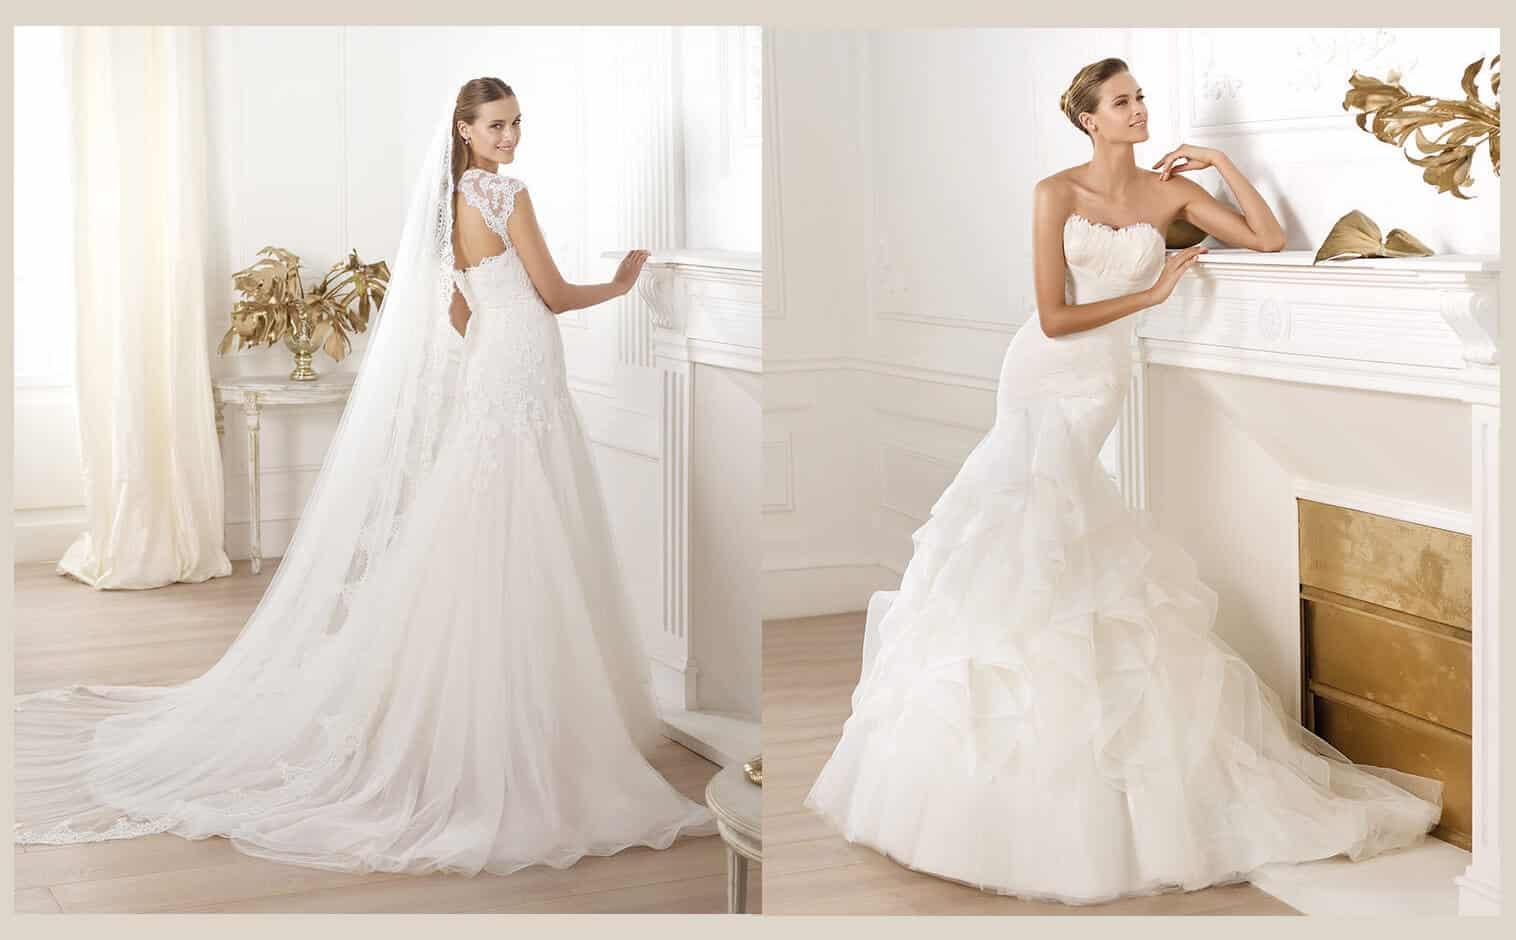 72b80cefc0452 Lindos vestidos de novia ajustados al cuerpo para casarte en el 2019 -  Mujeres Femeninas